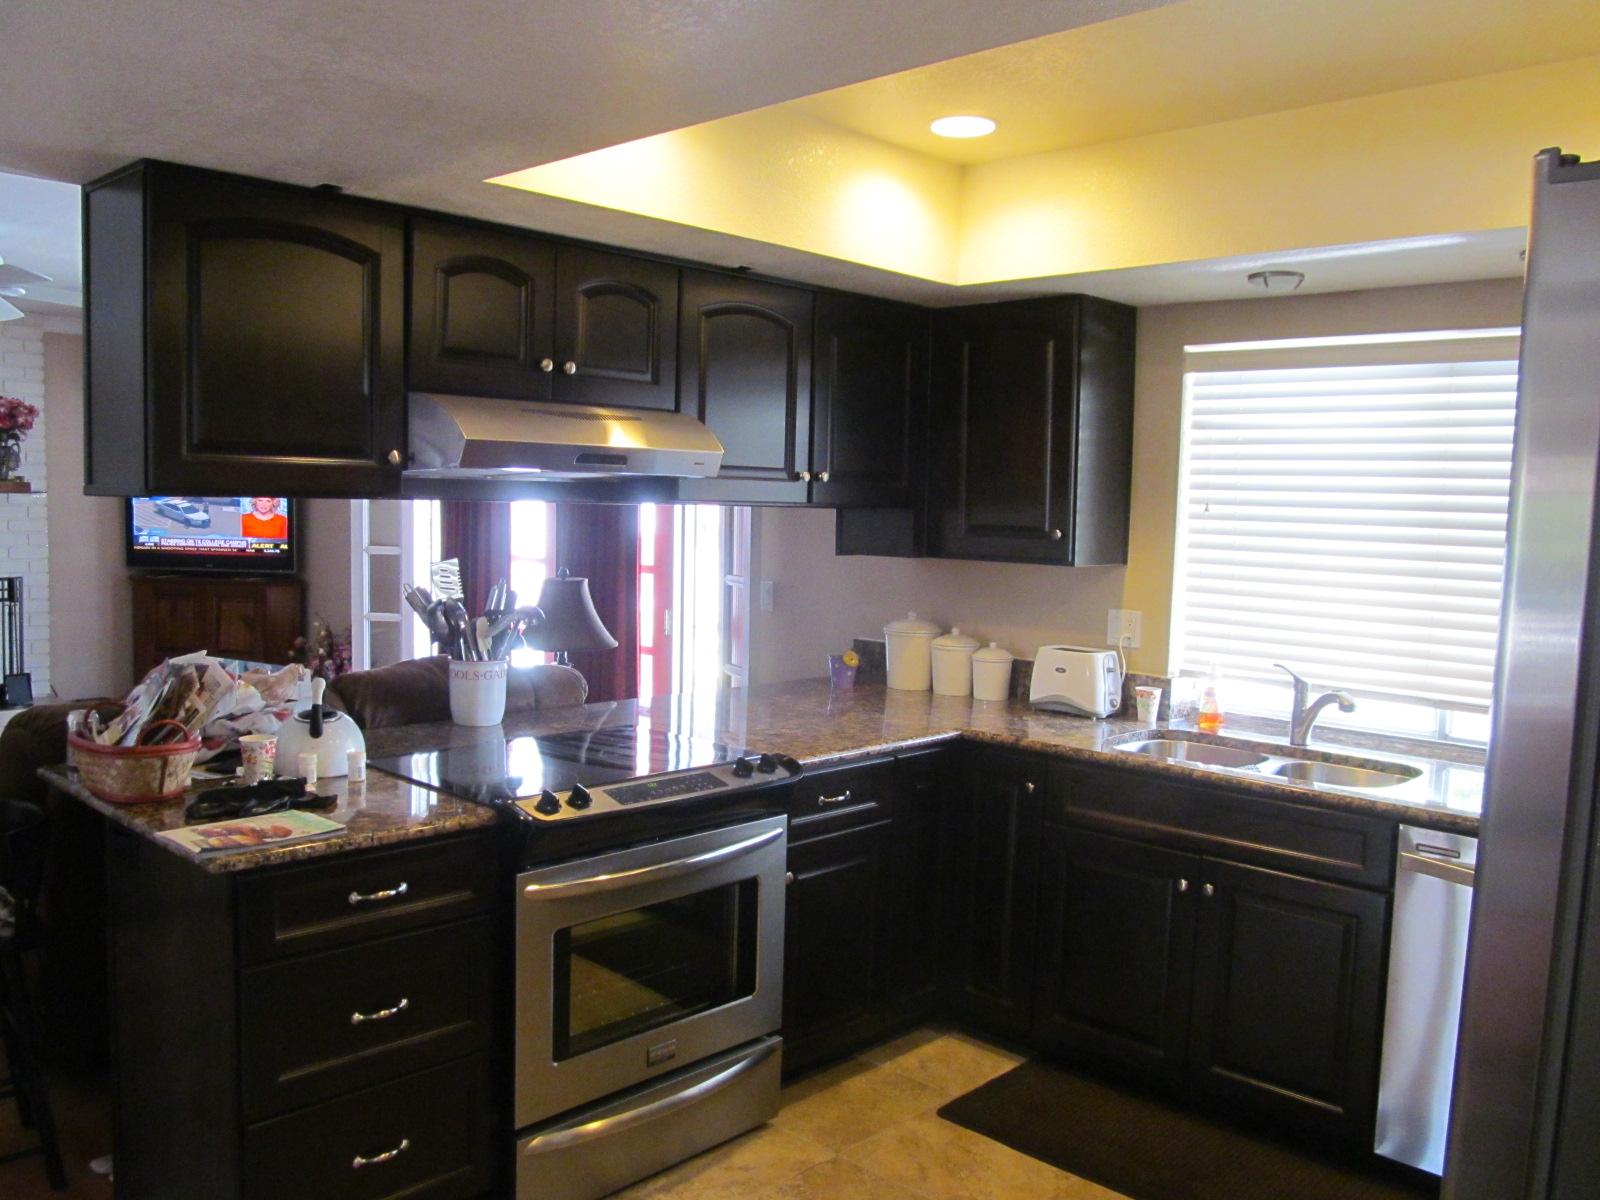 Dark cabinet of kitchen wood set with shader on window